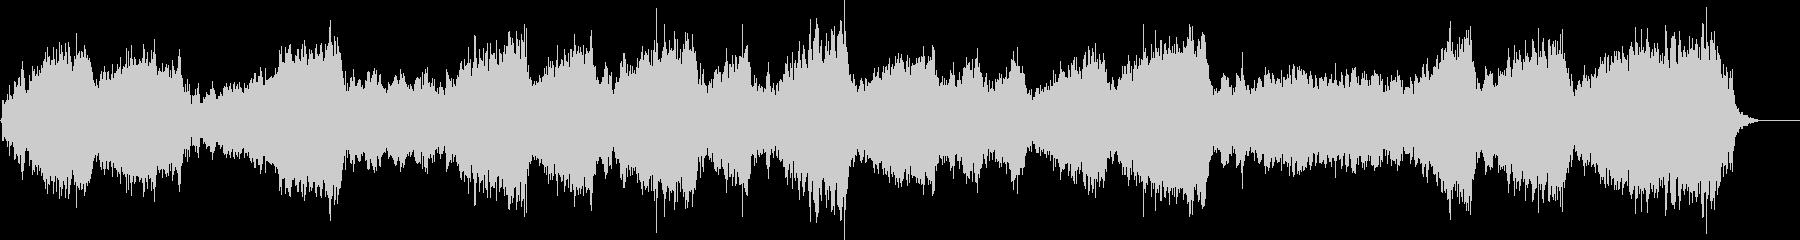 シンセのアドリブソロの未再生の波形